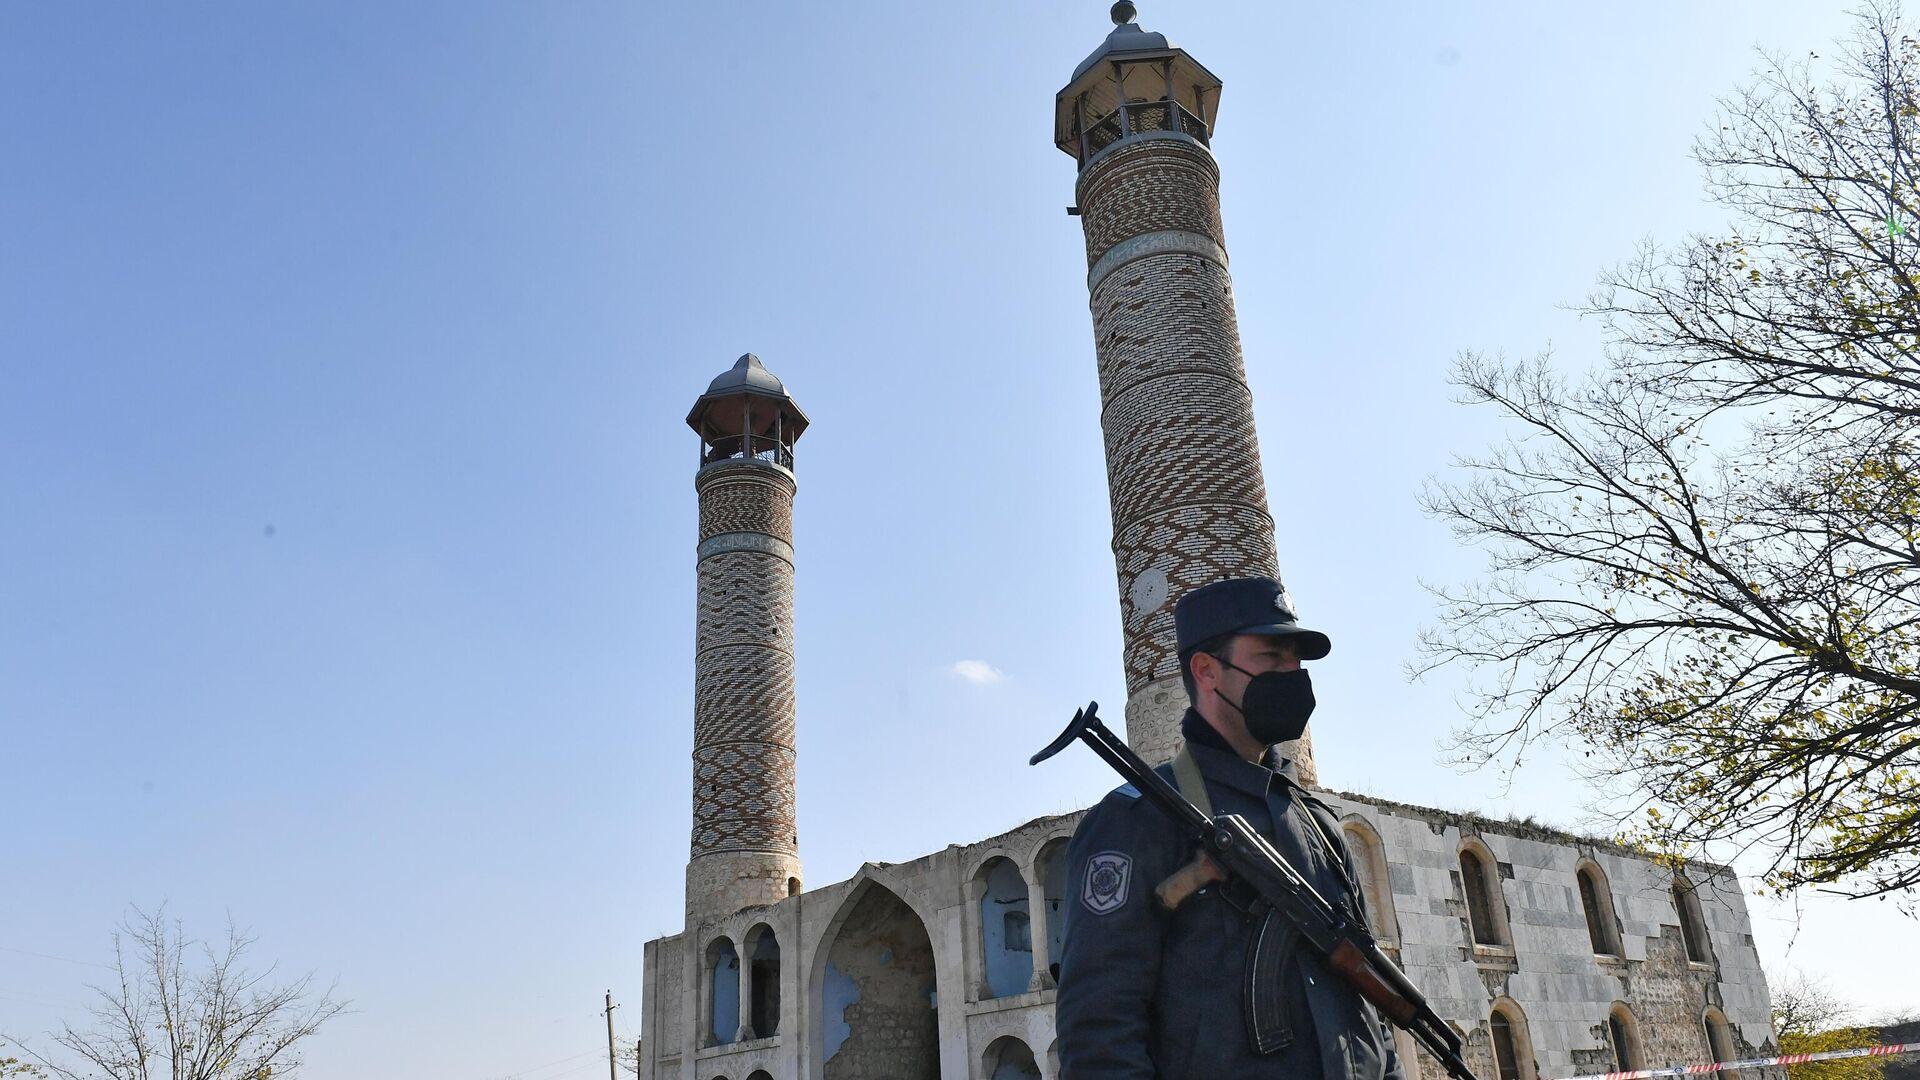 Азербайджанский полицейский у мечети Джума в Агдаме - РИА Новости, 1920, 01.12.2020